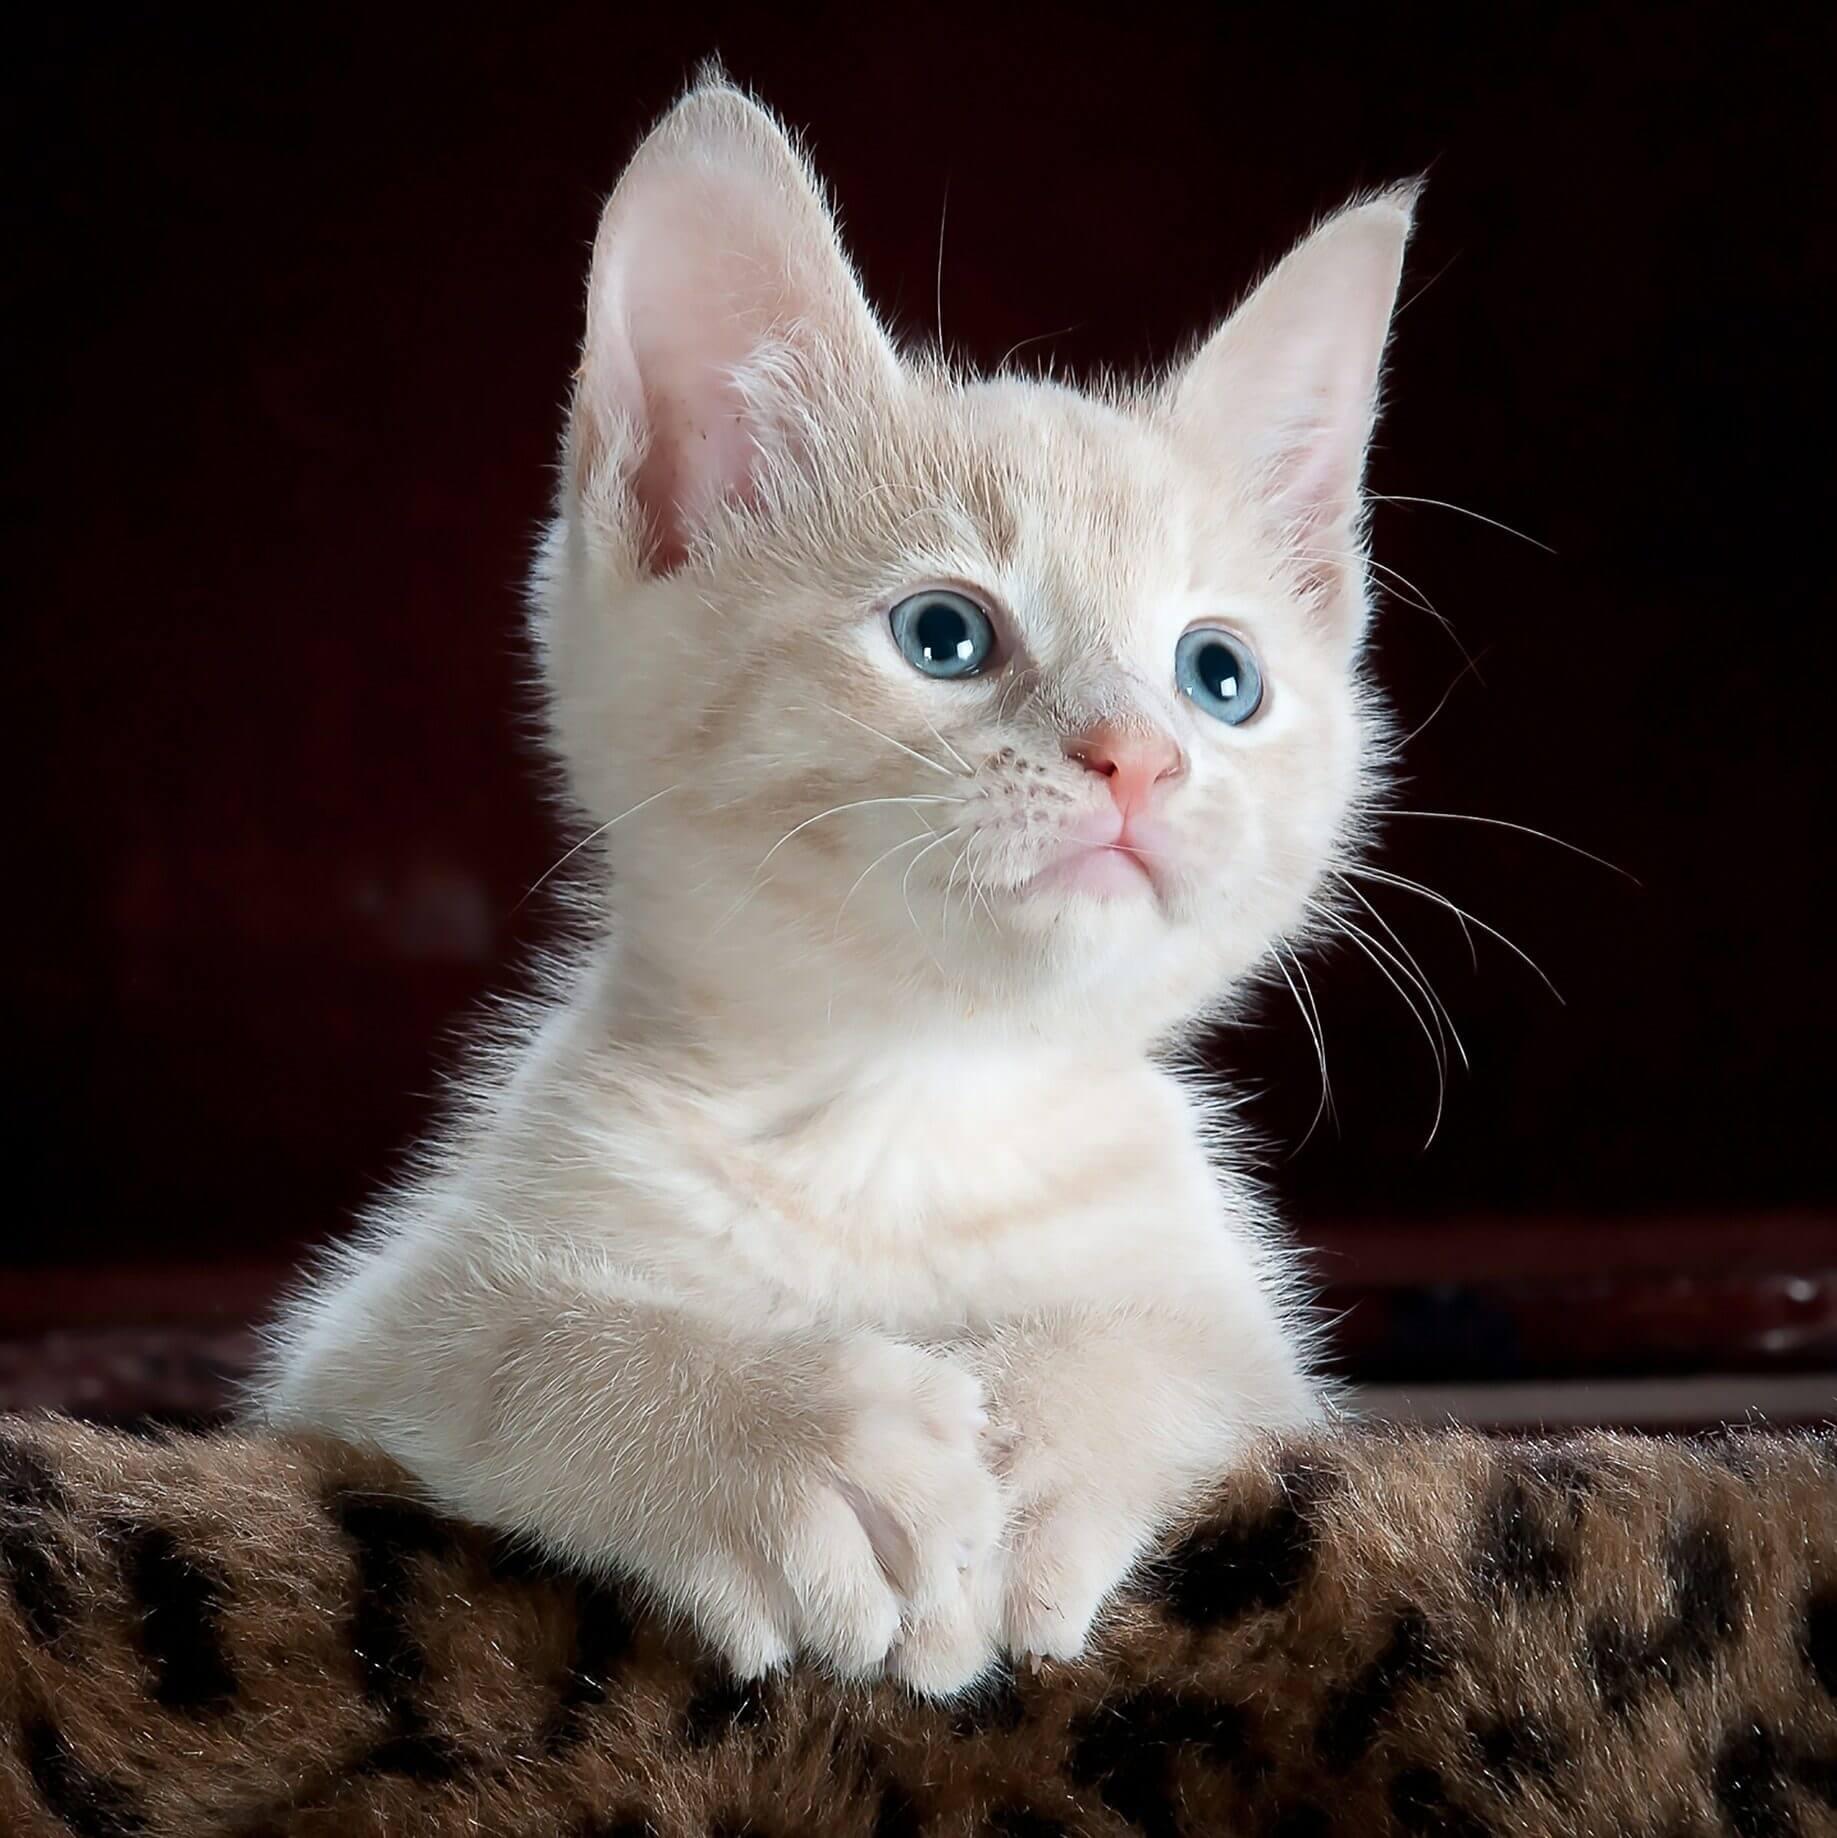 Cara Merawat Bayi Kucing Tanpa Induk: Bersihkan Mata Kucing Secara Rutin